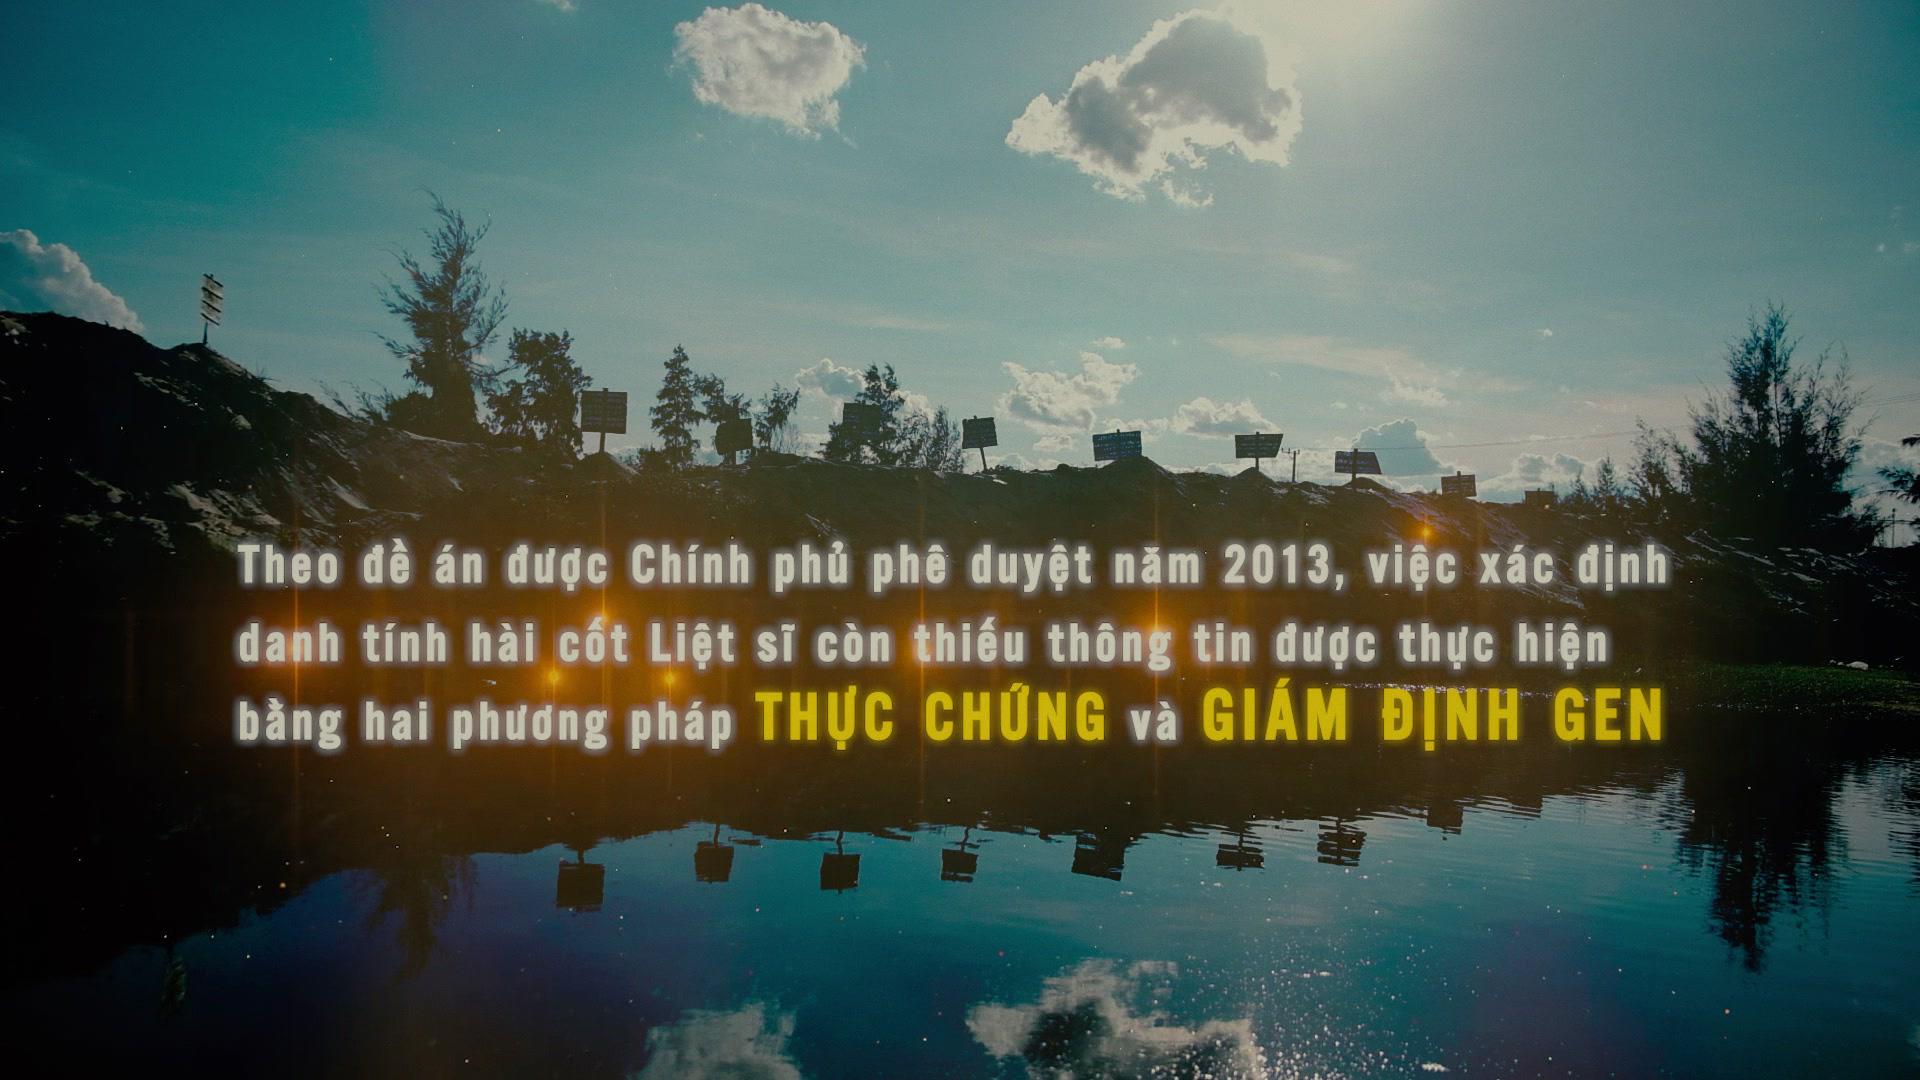 Đạo diễn Tạ Quỳnh Tư - VTV Đặc biệt Nẻo đường hội ngộ: Tôi làm phim theo linh tính mách bảo - Ảnh 2.